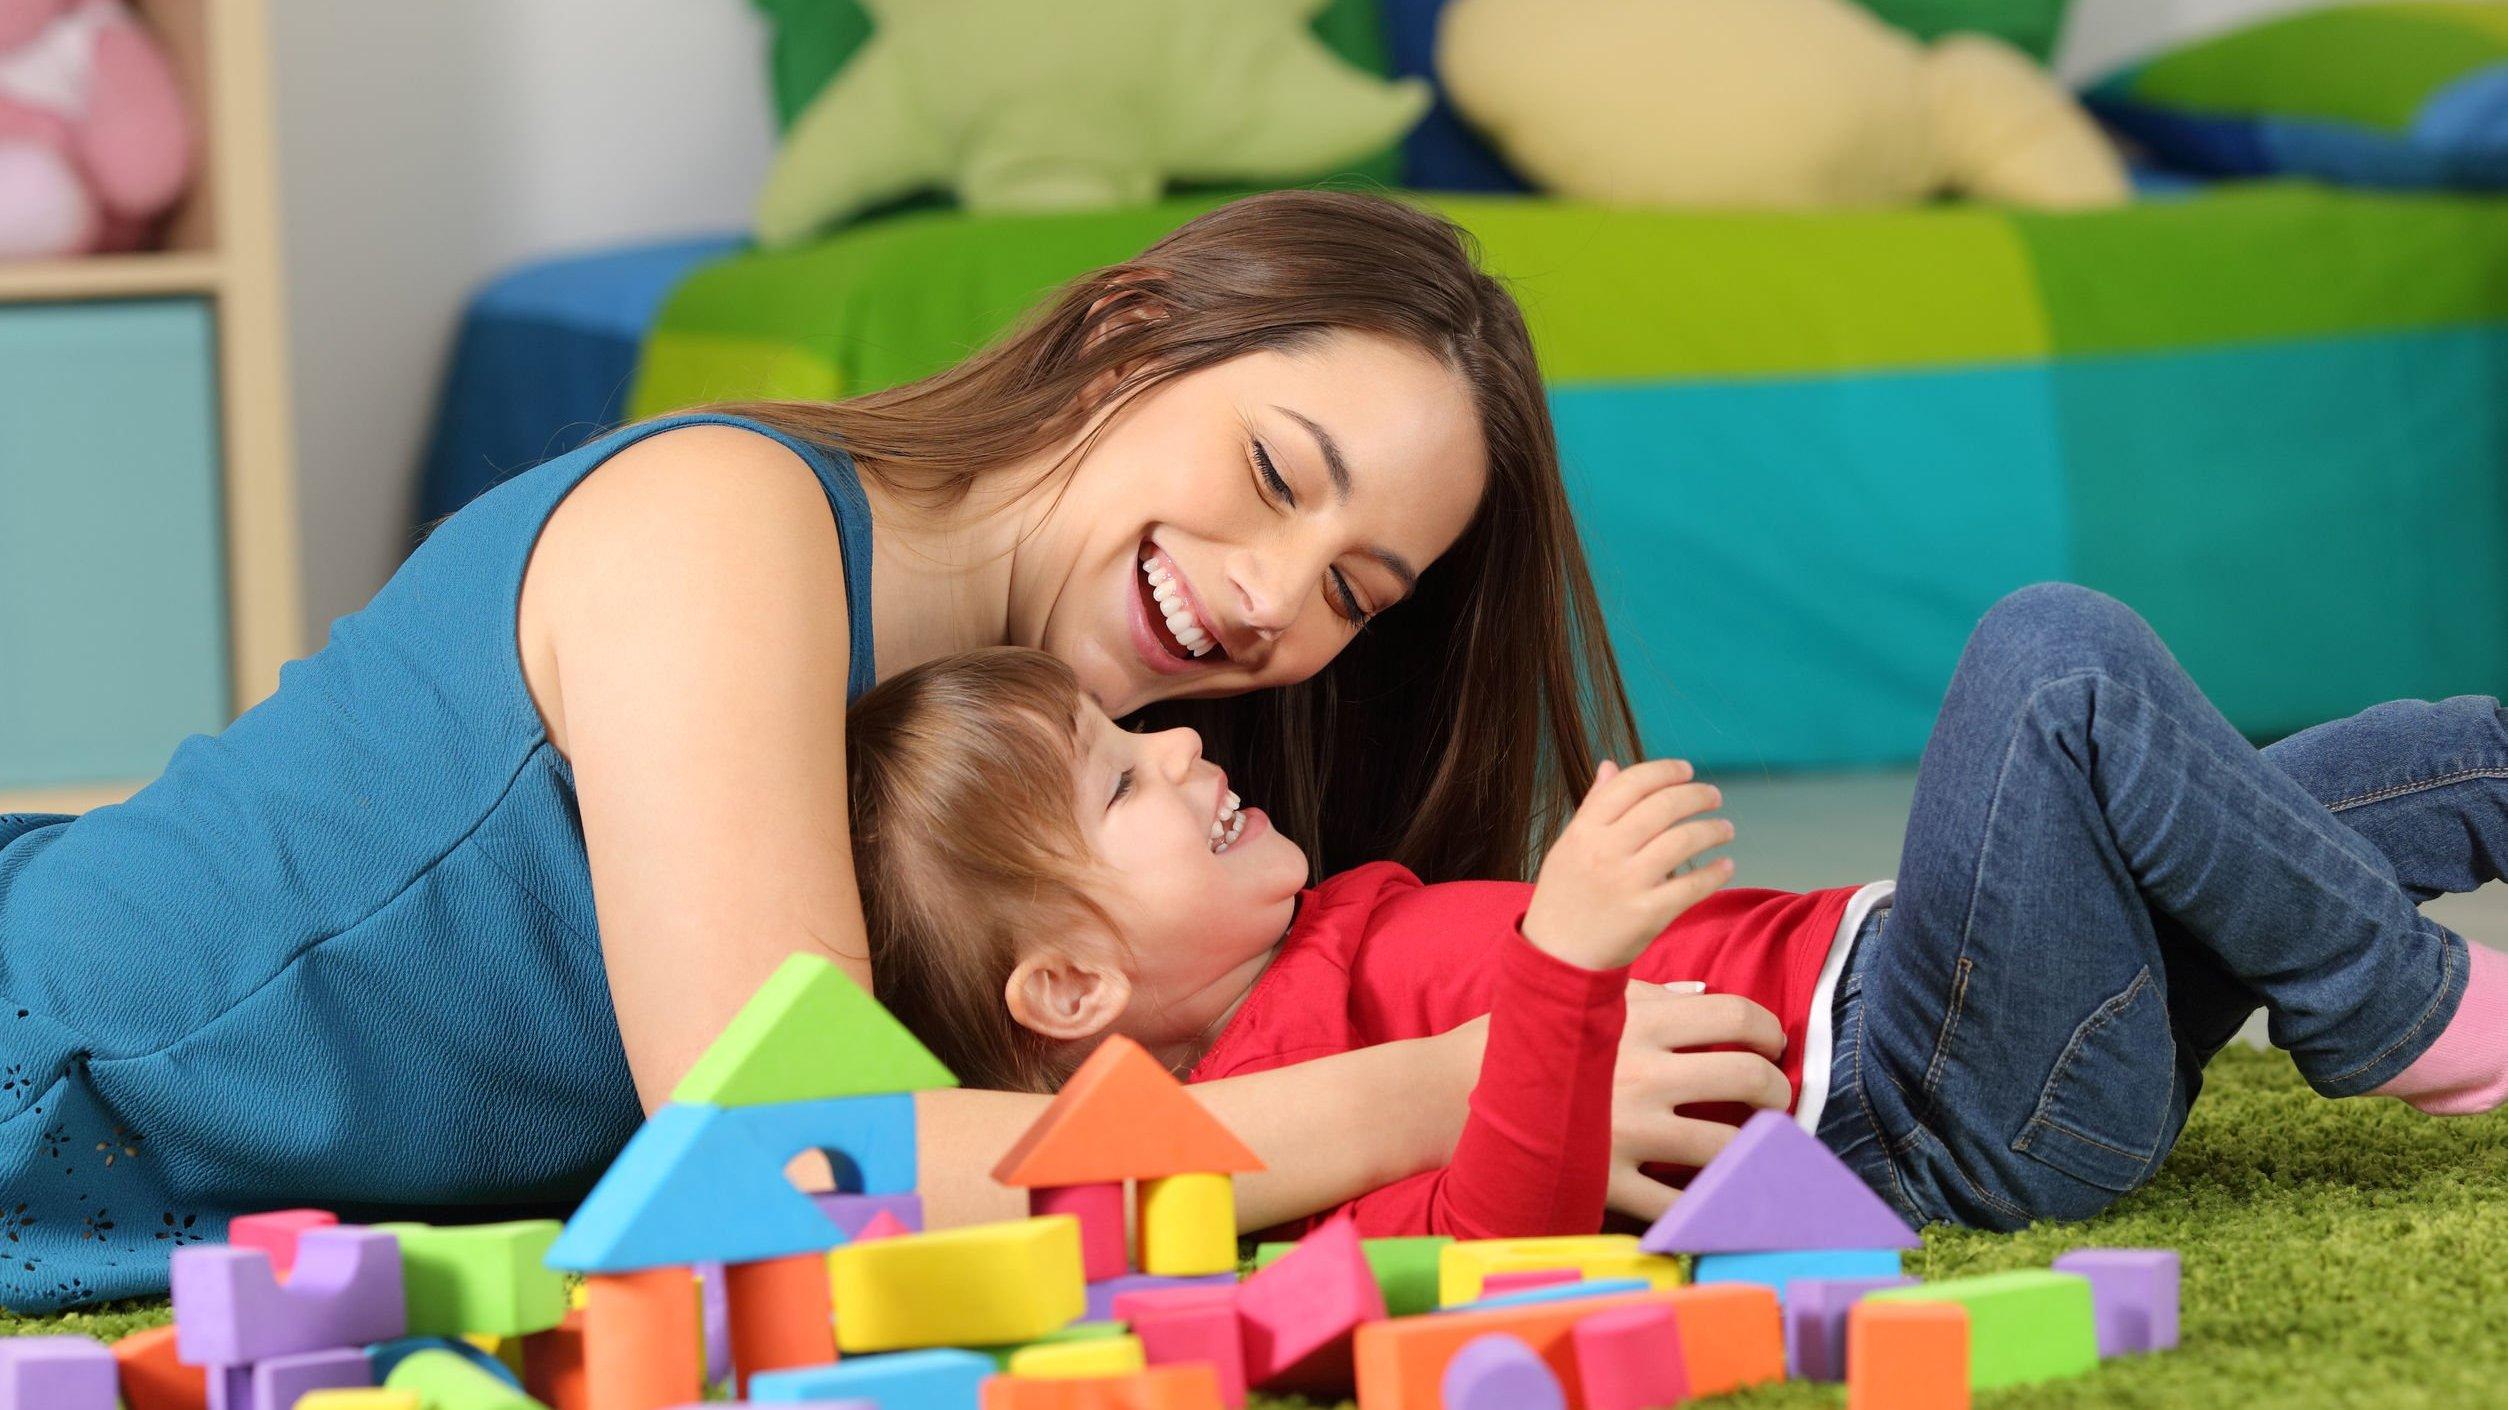 Mulher e criança brincando, dando risada.